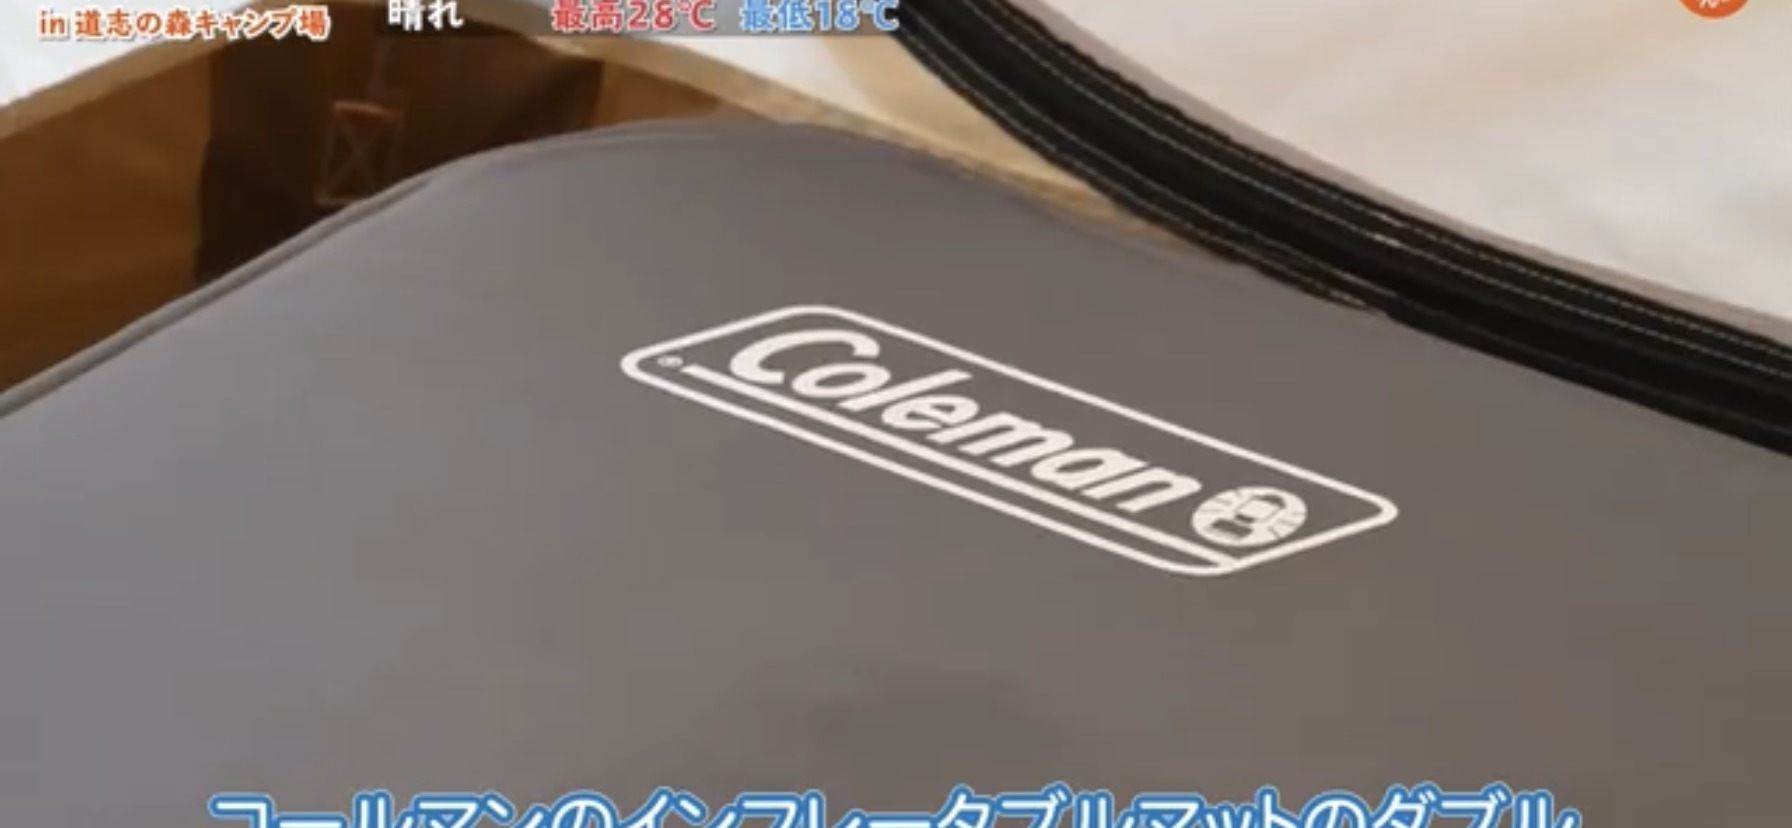 マット:【コールマン(Coleman) 】キャンパーインフレーターマット ダブルセットII